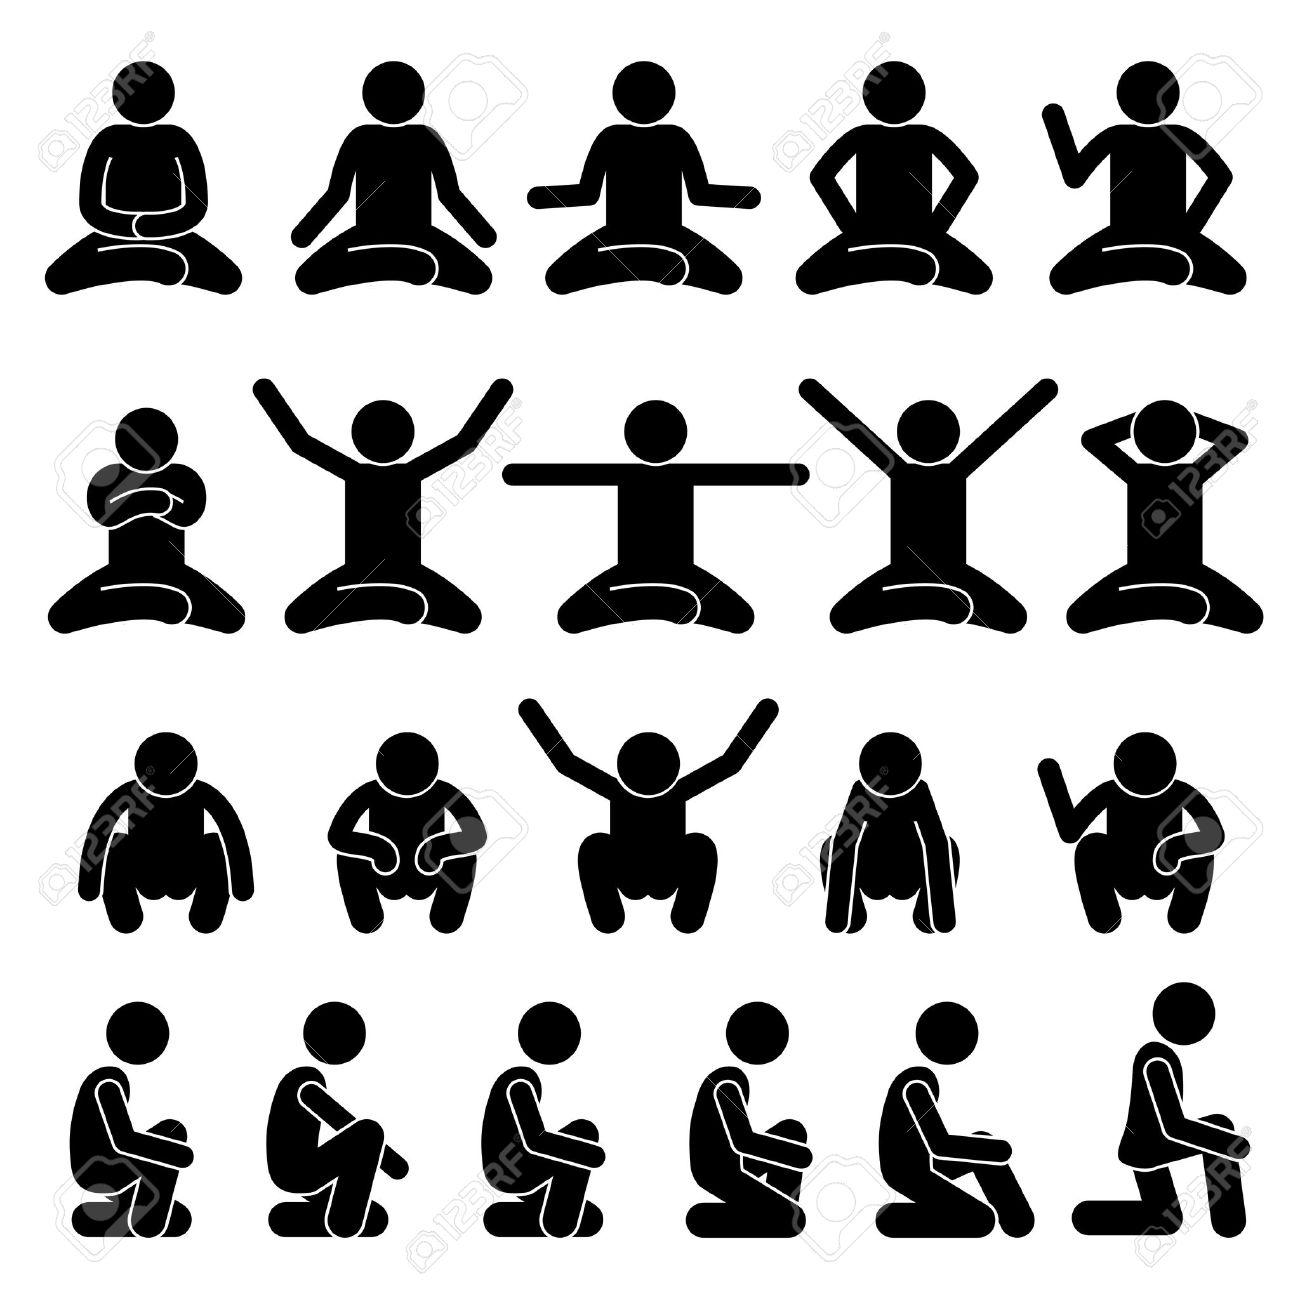 人間の男人座っていると床にしゃがむポーズ ポーズ スティック図棒人間絵文字アイコンのイラスト素材 ベクタ Image